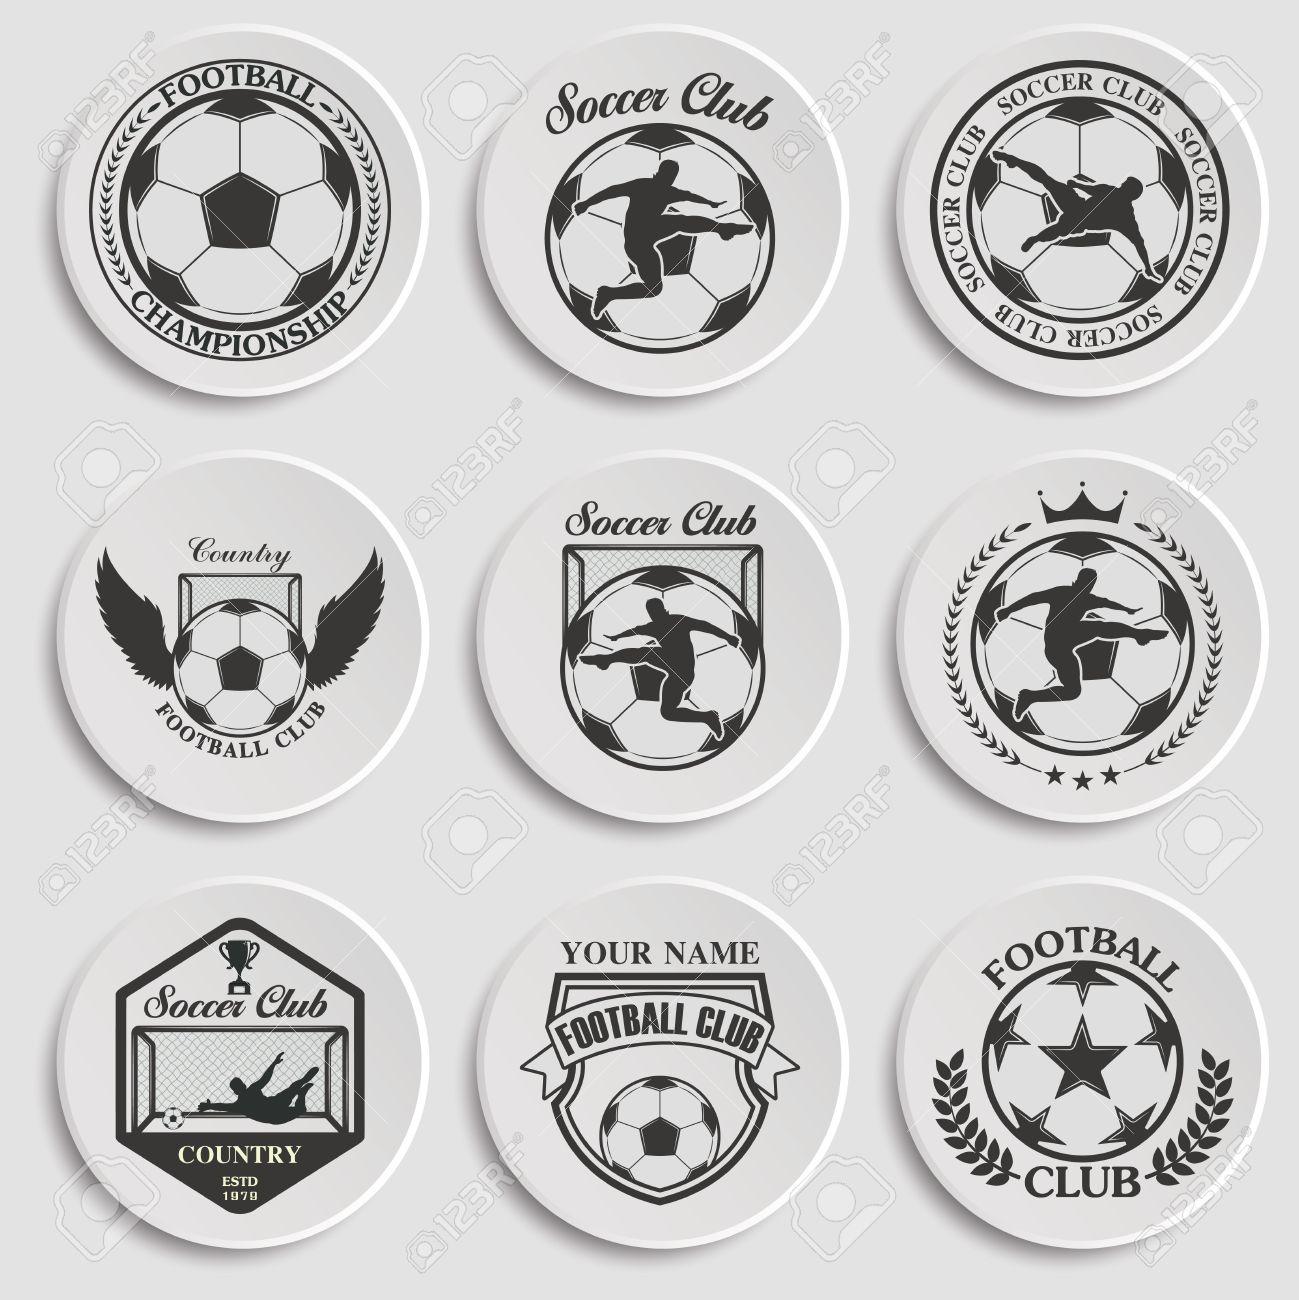 Set Von Fußball-Fußball-Abzeichen-Design-Vorlagen Lizenzfrei ...